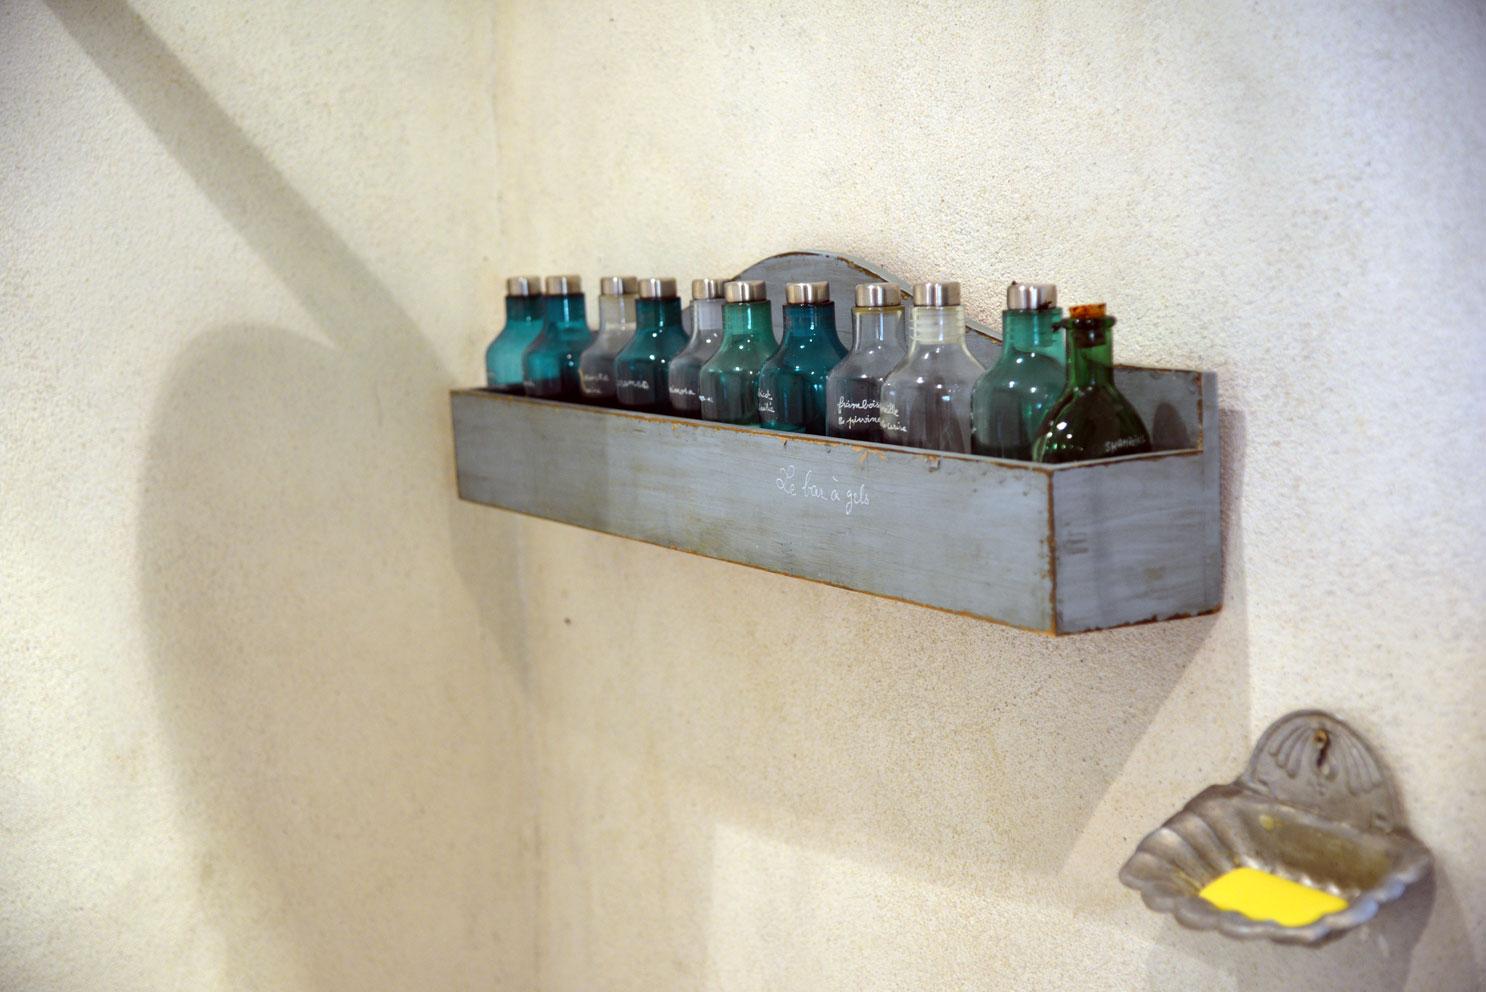 Bar à gels douches